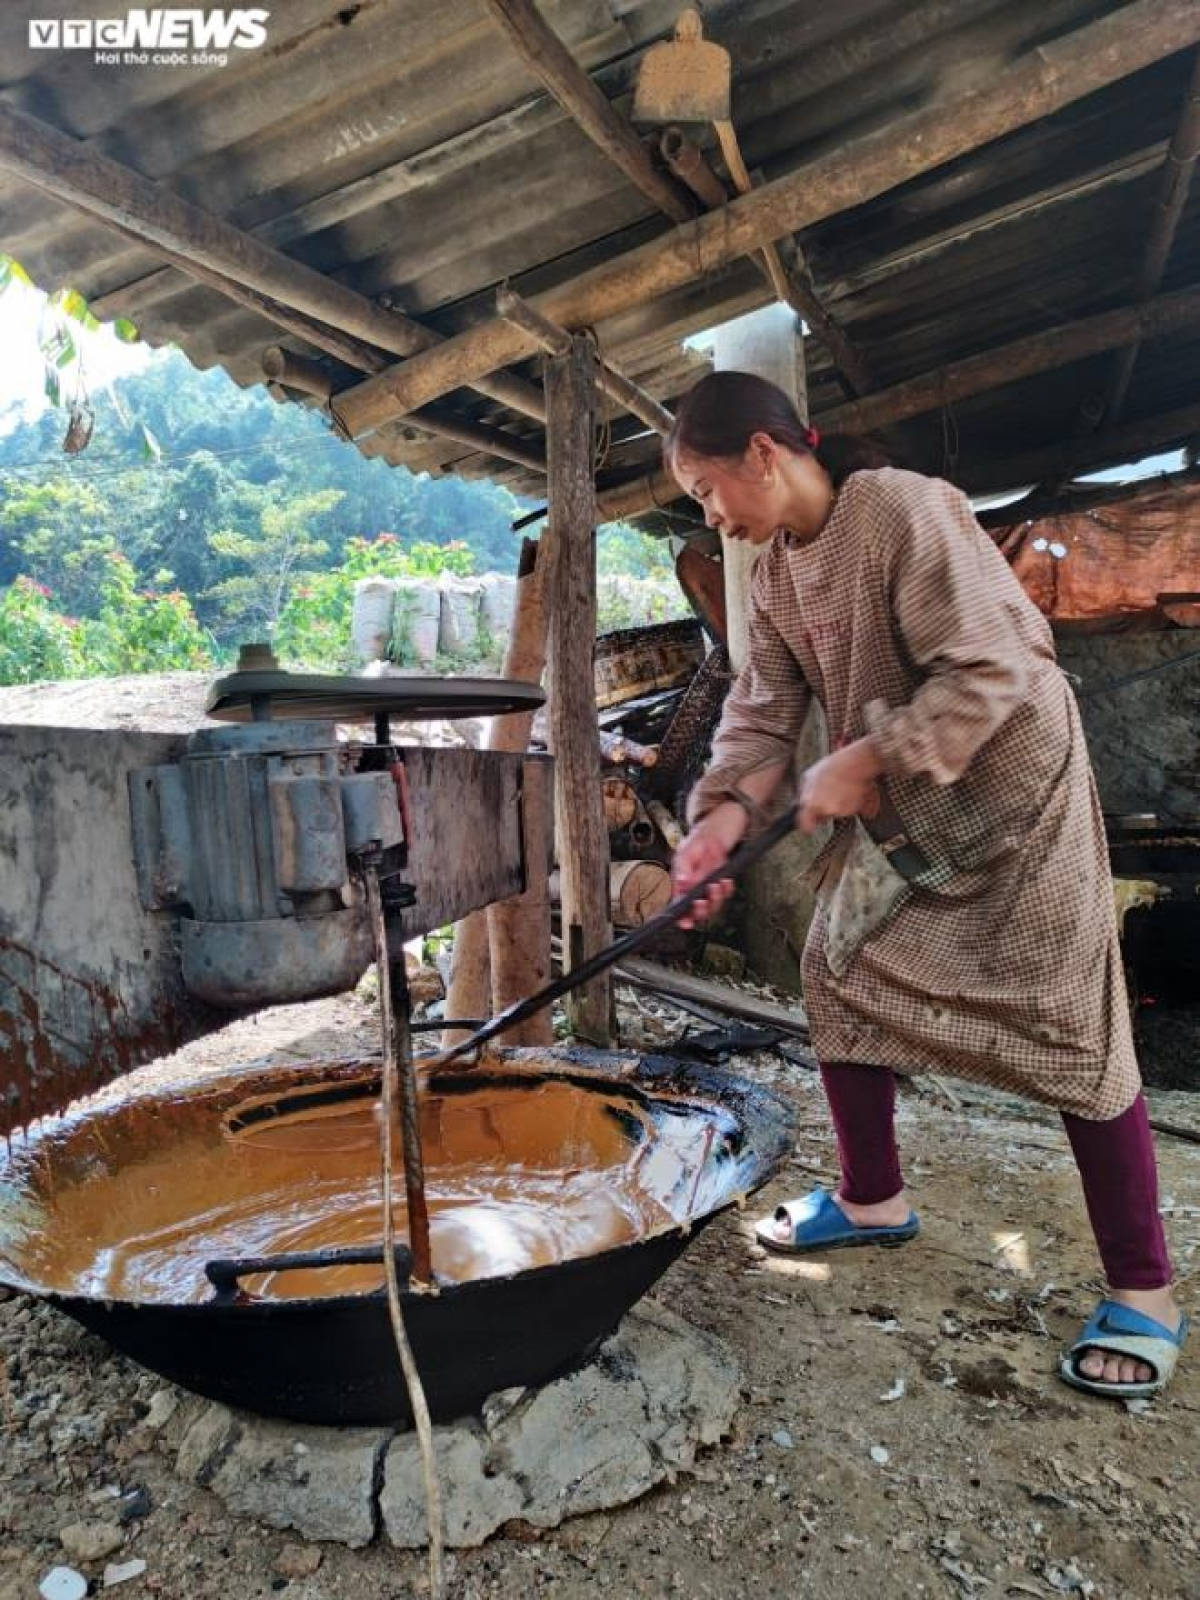 Gia đình chị Lâm làm nghề lâu năm nên các thương lái tìm đến đặt mua theo số lượng hoặc chị tự đem ra chợ phiên để bán với mức giá từ 20-25 nghìn đồng/kg đường phên. Những ngày gần Tết, người dân dùng đường phên làm bánh khảo, bánh trôi, hay làm thuốc rất tốt cho sức khỏe.